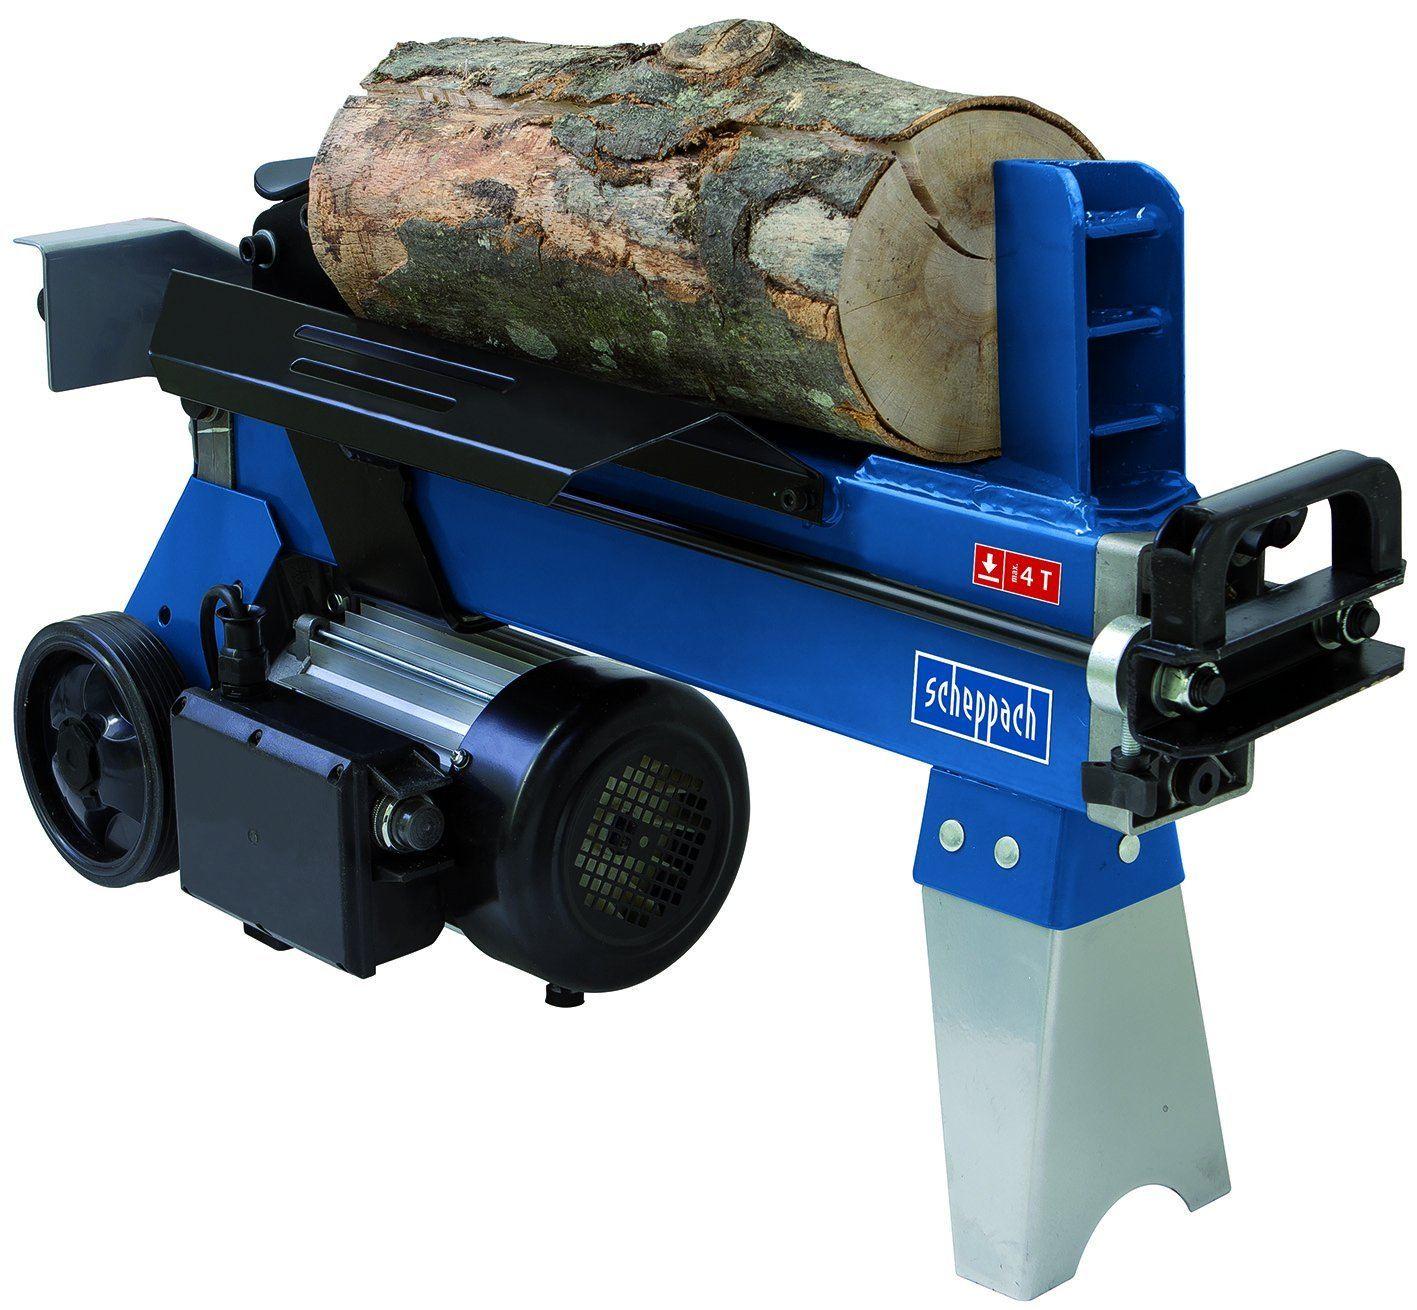 Holzspalter Anwendungsbereiche Im Test